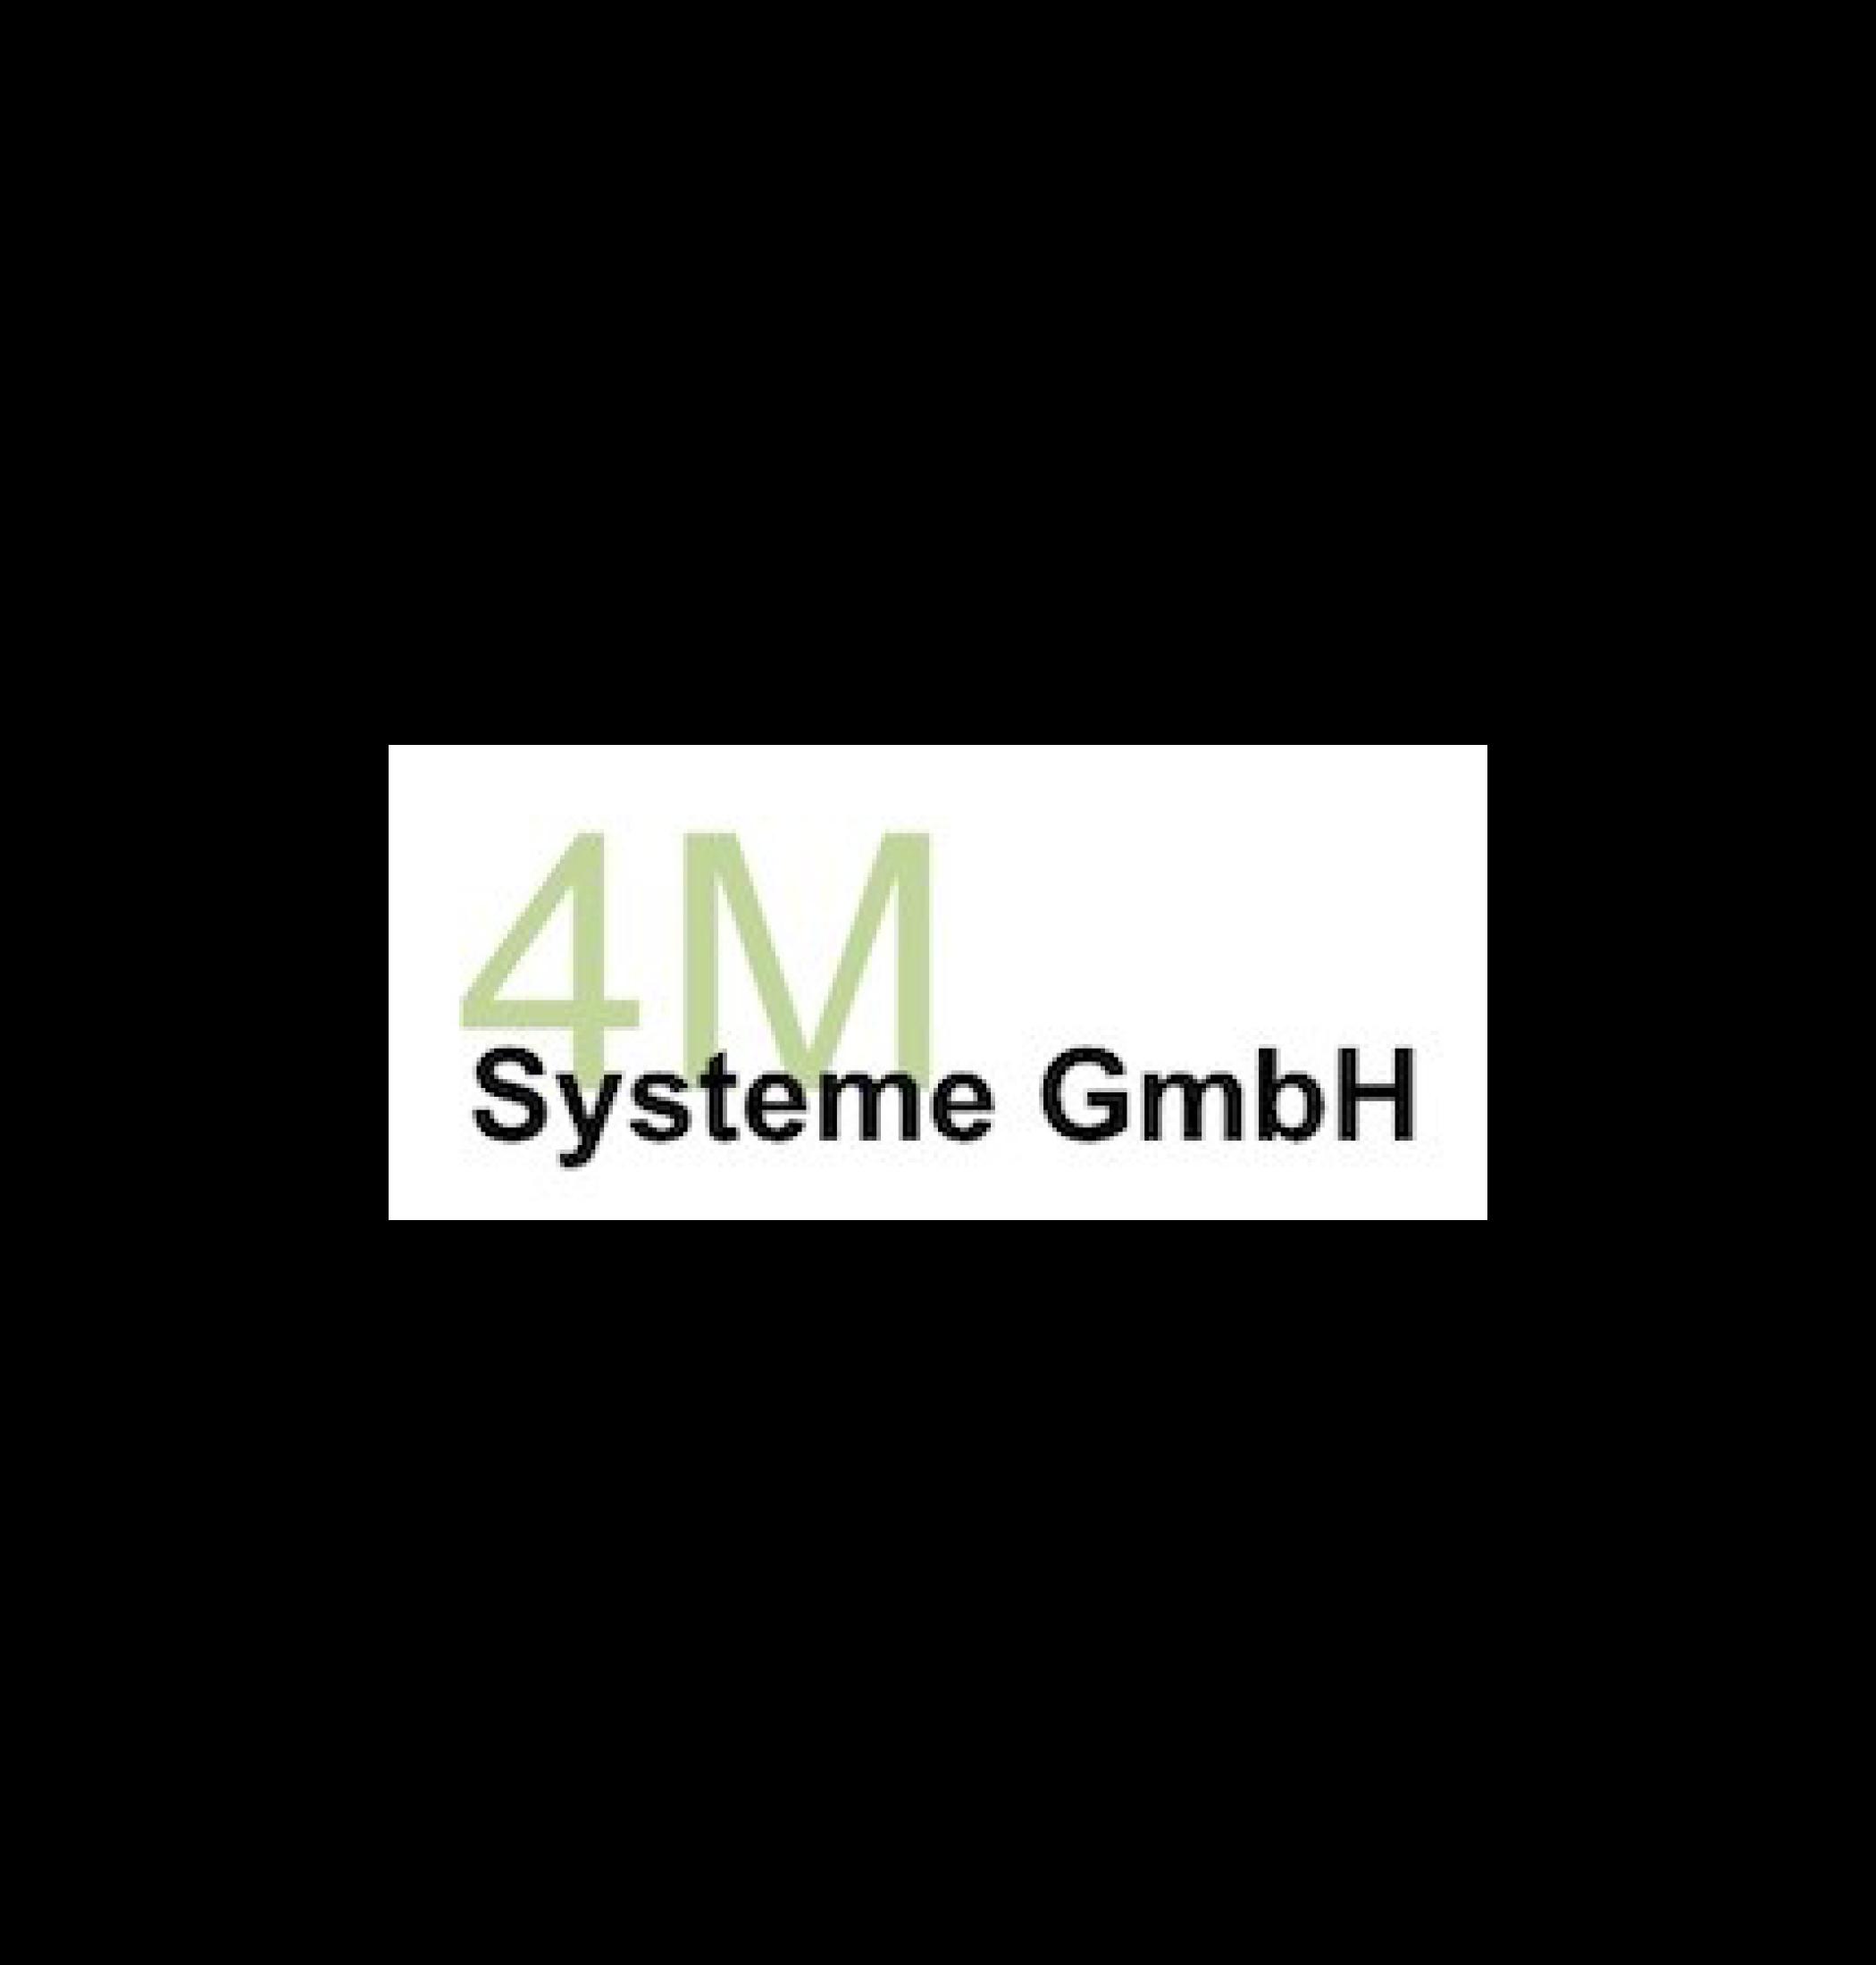 Logo 4M Systeme GmbH